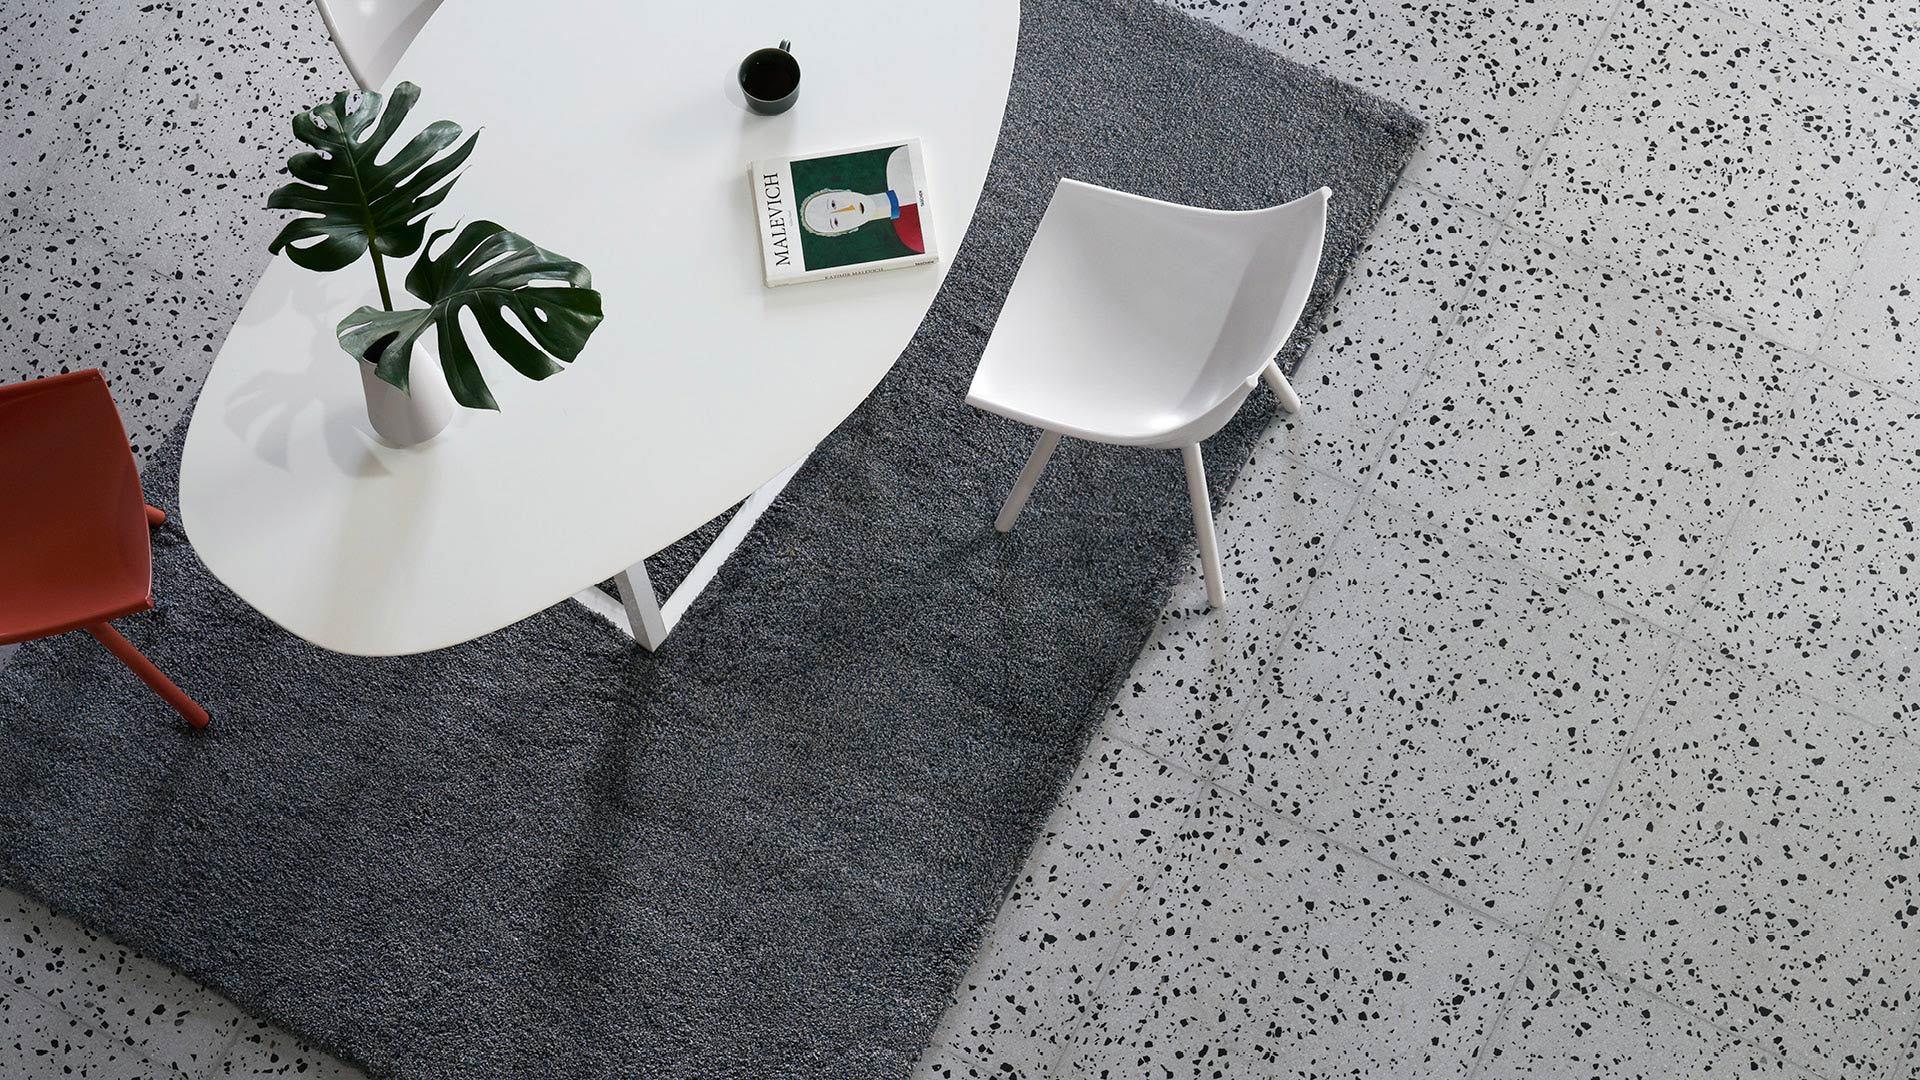 长款餐厅毯,优雅划分功能区域